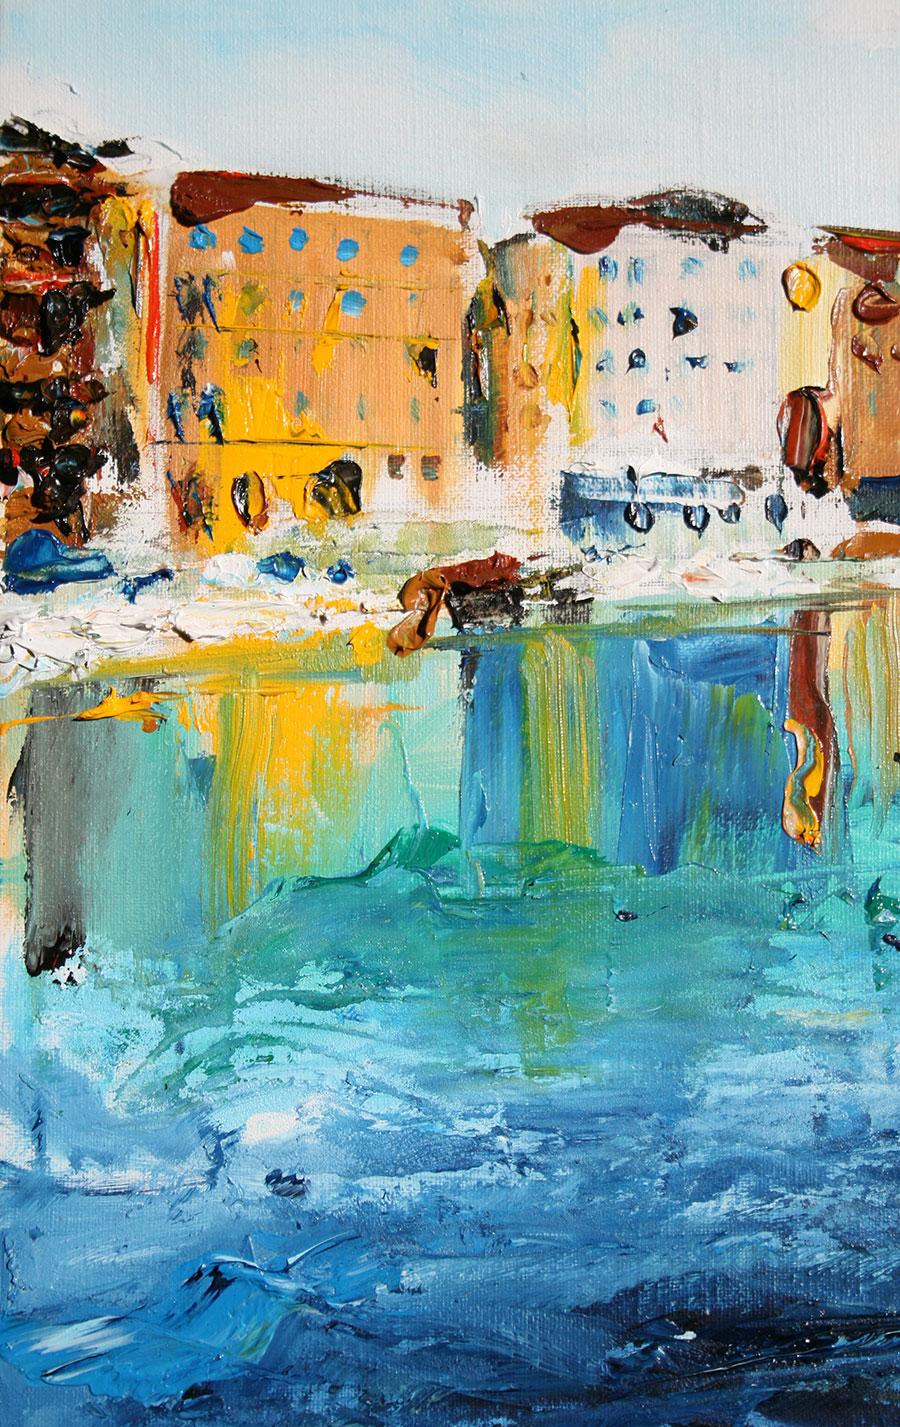 dipinti ad olio del pittore dario falasca